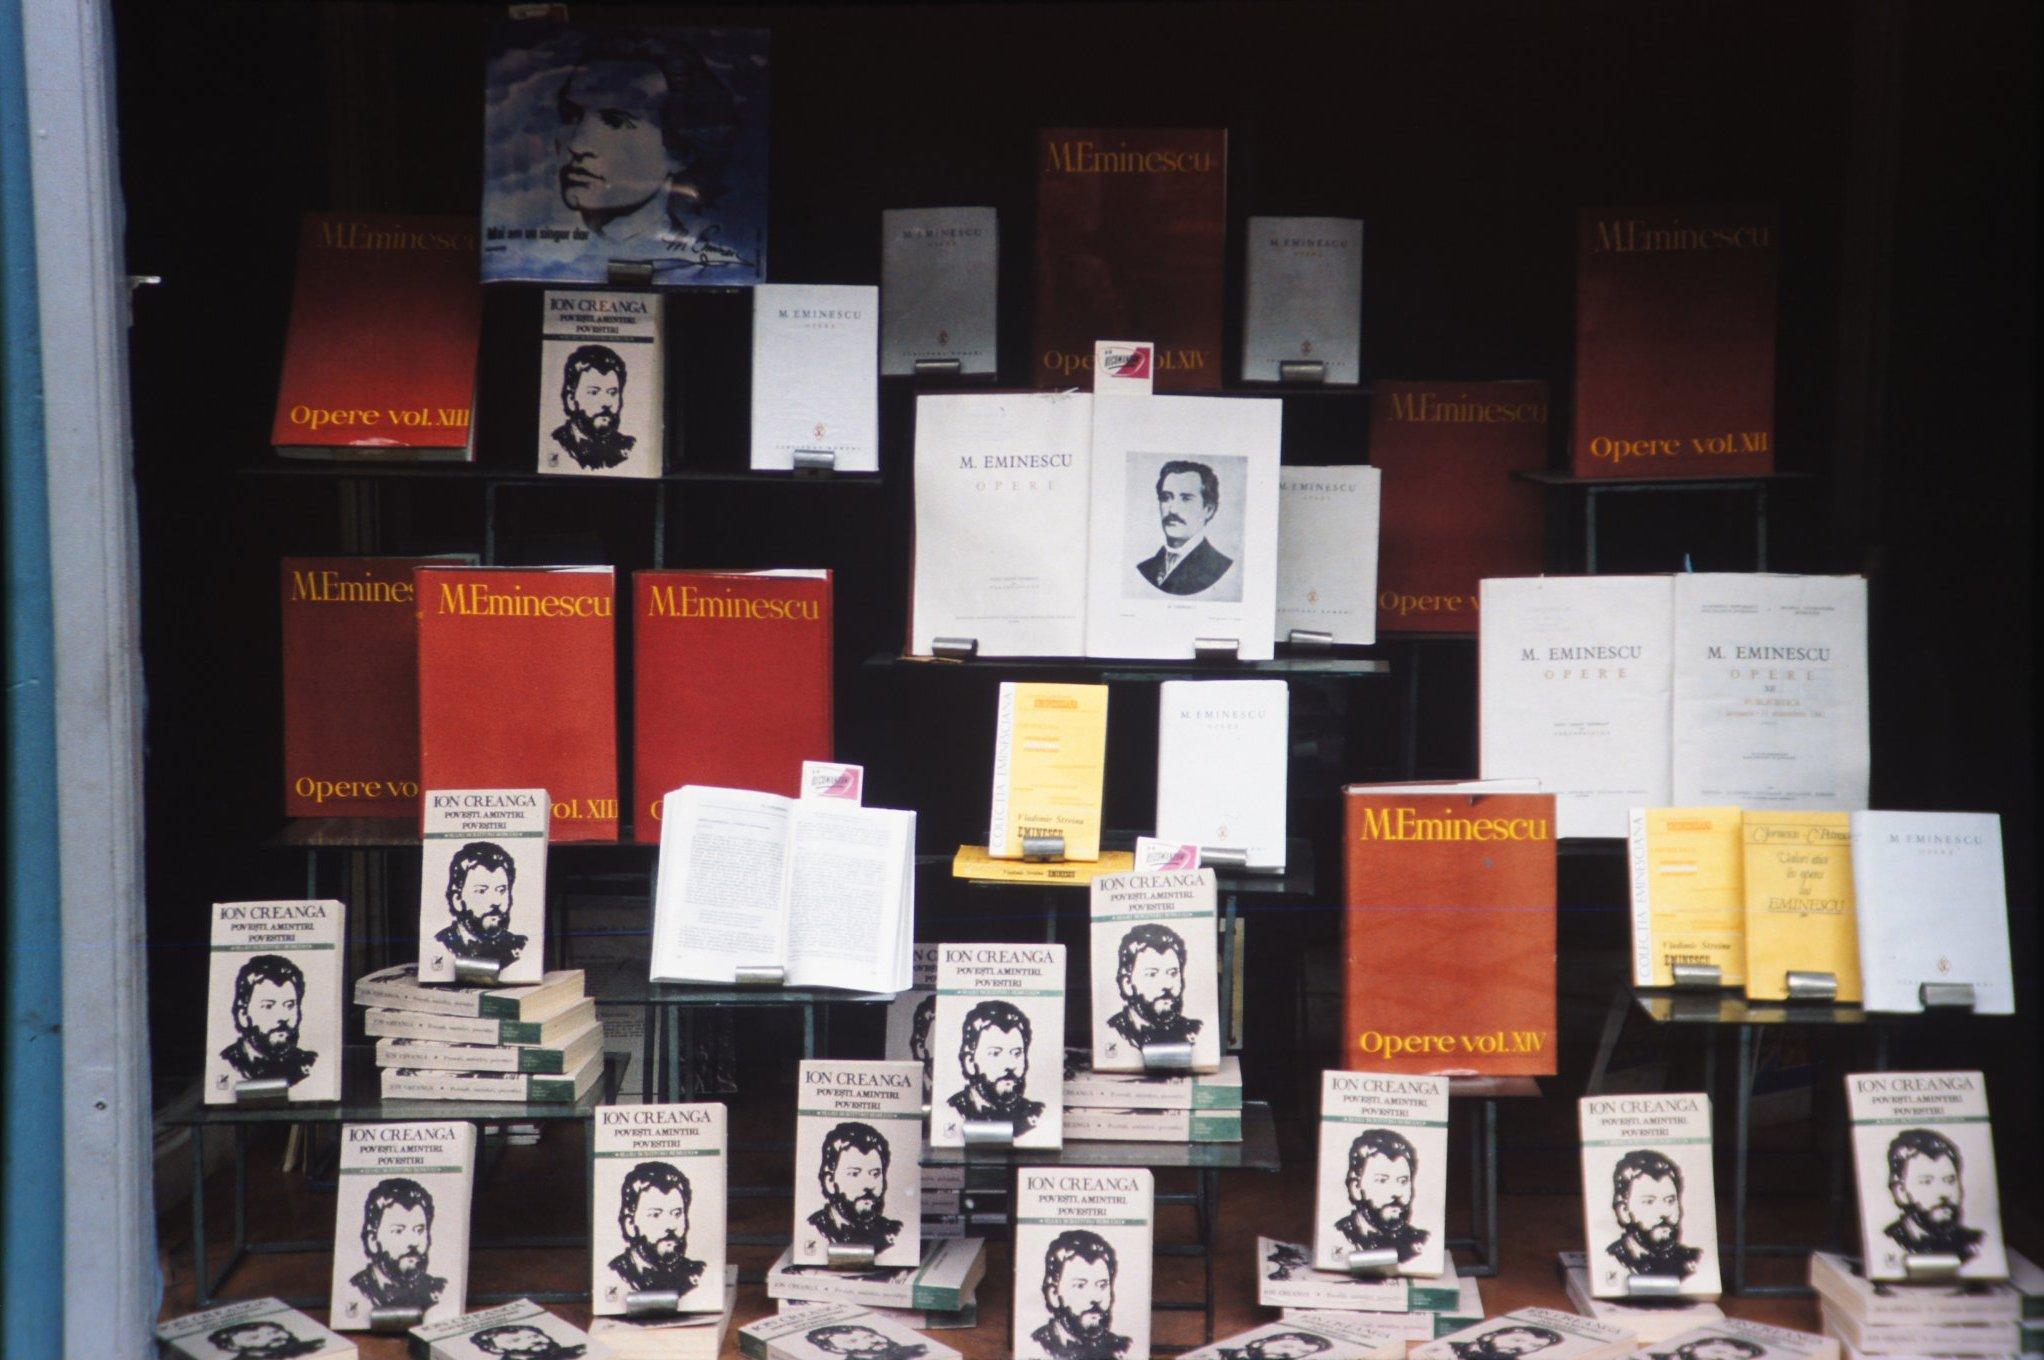 Fotografie privată care reprezintă un stand cu cărţi într-o librărie din România anilor 1980